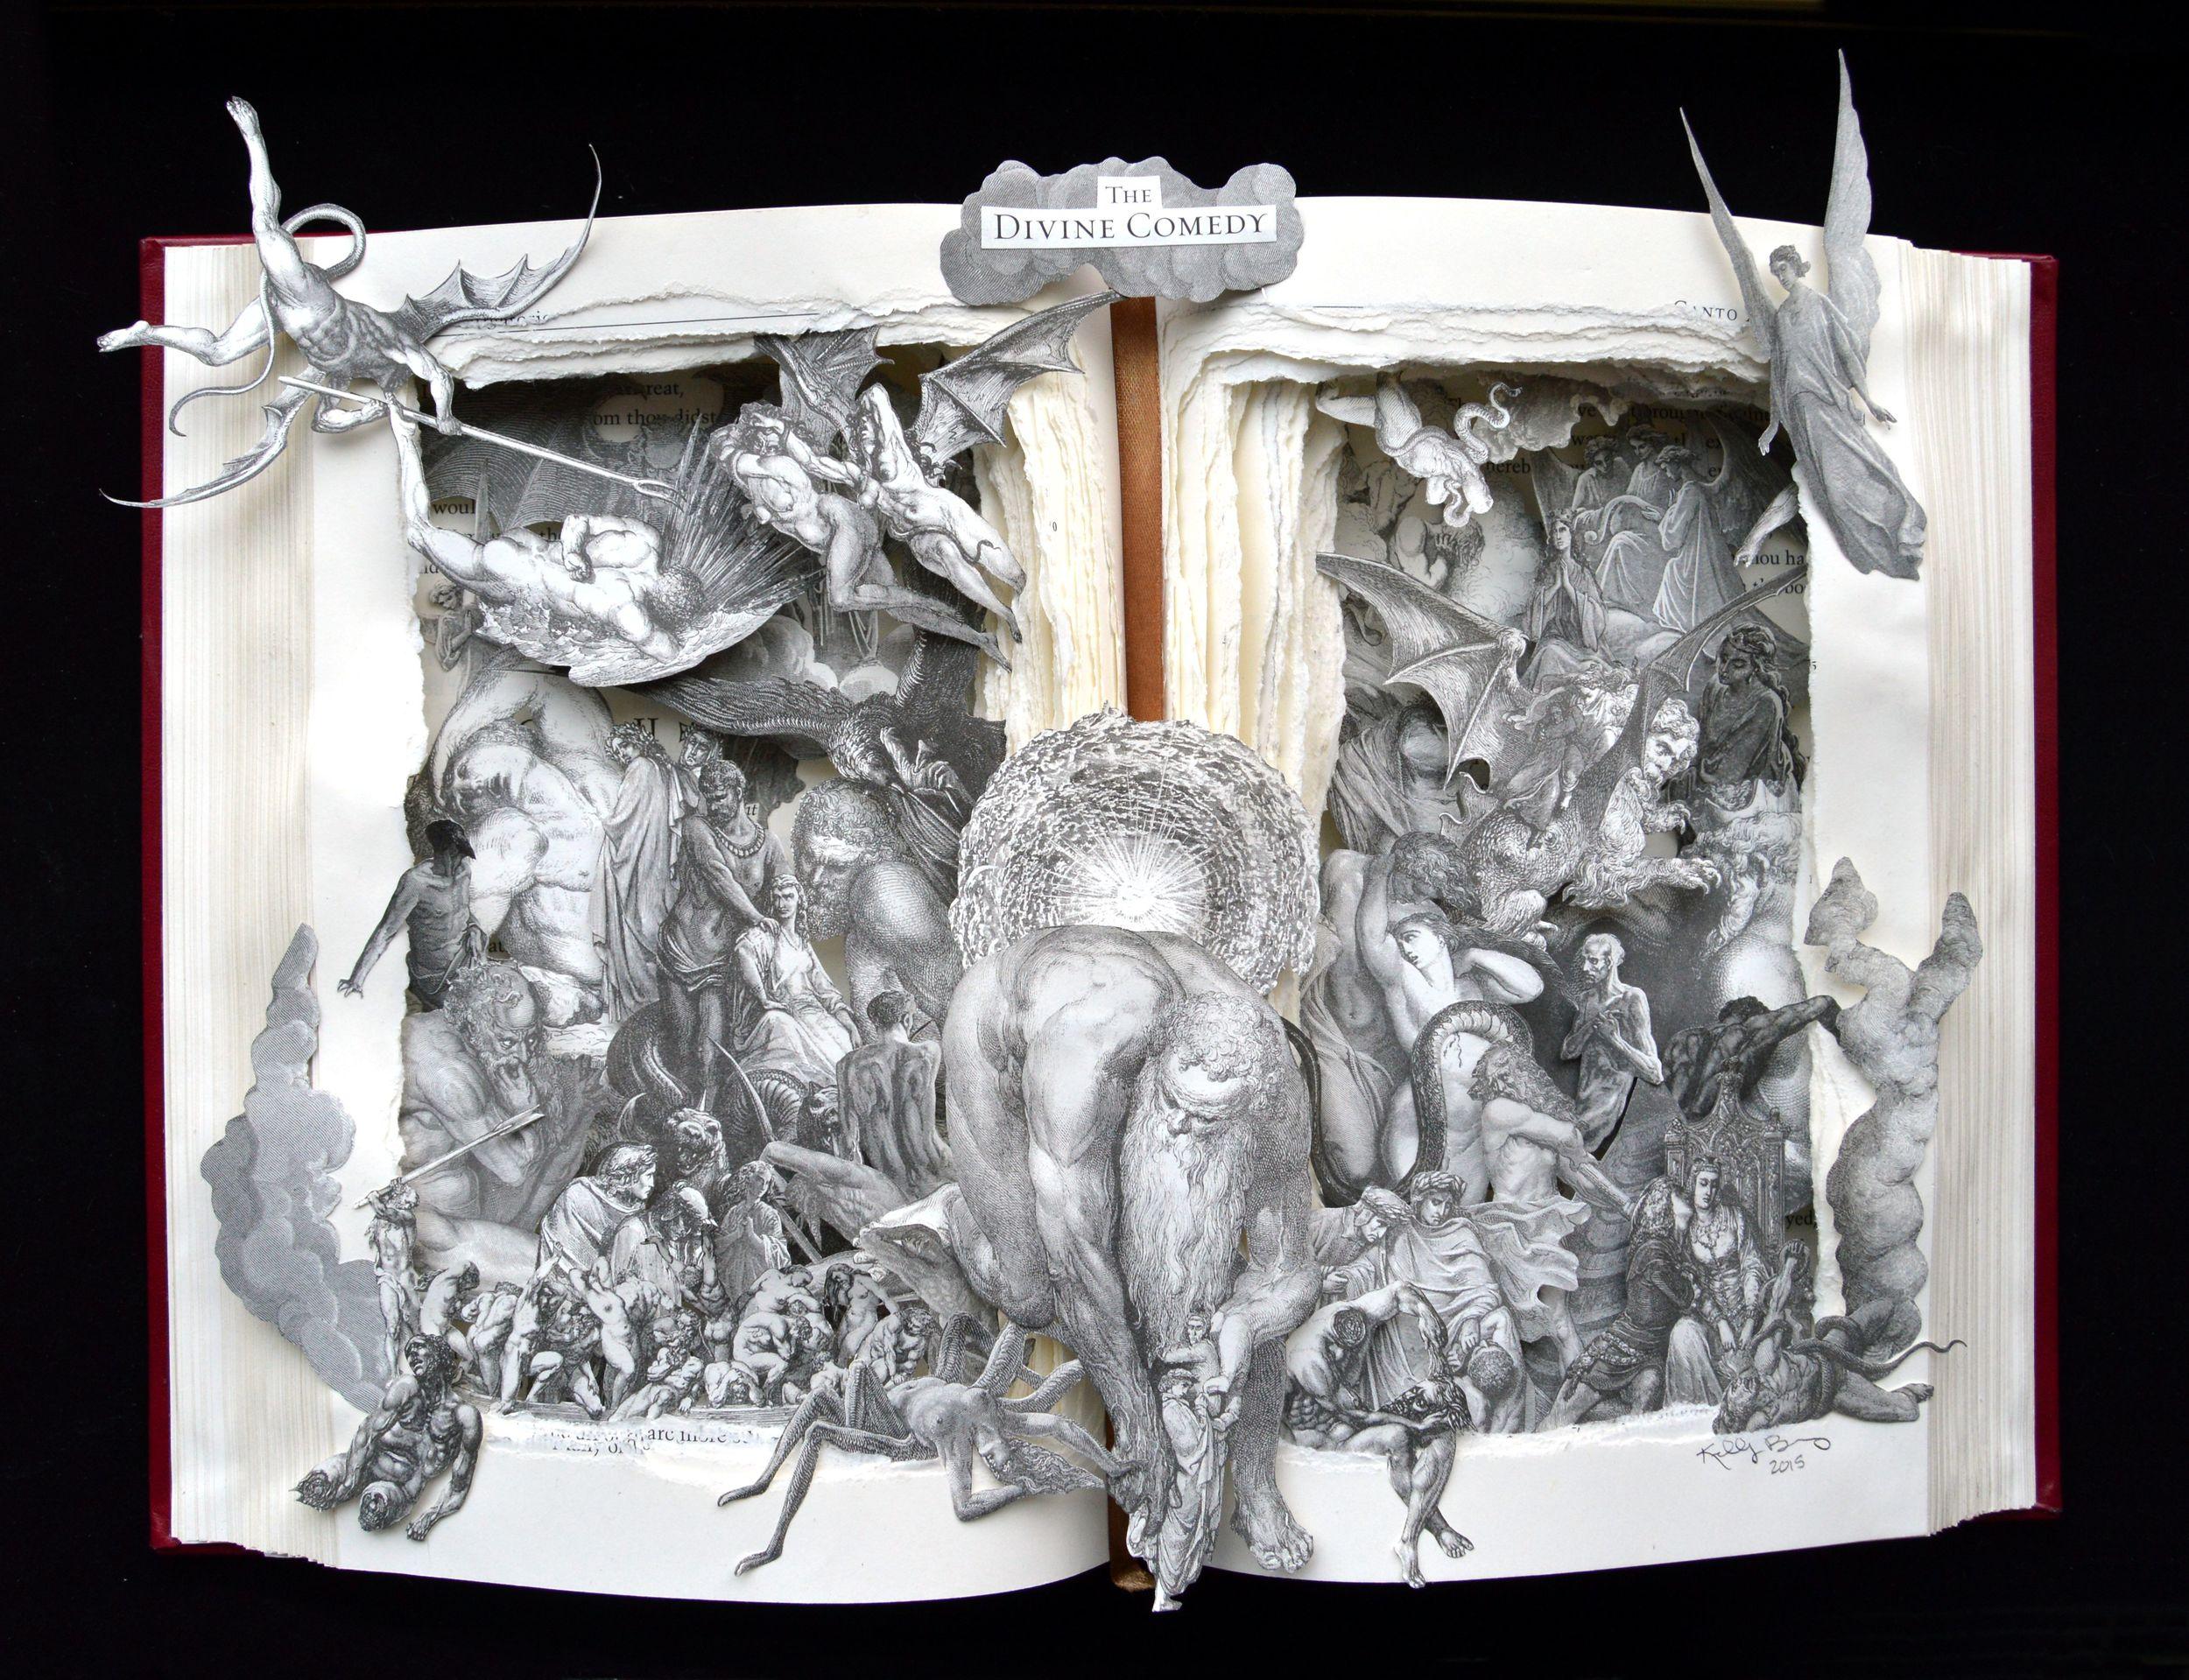 Divine Comedy Book Sculpture - 12x16x3